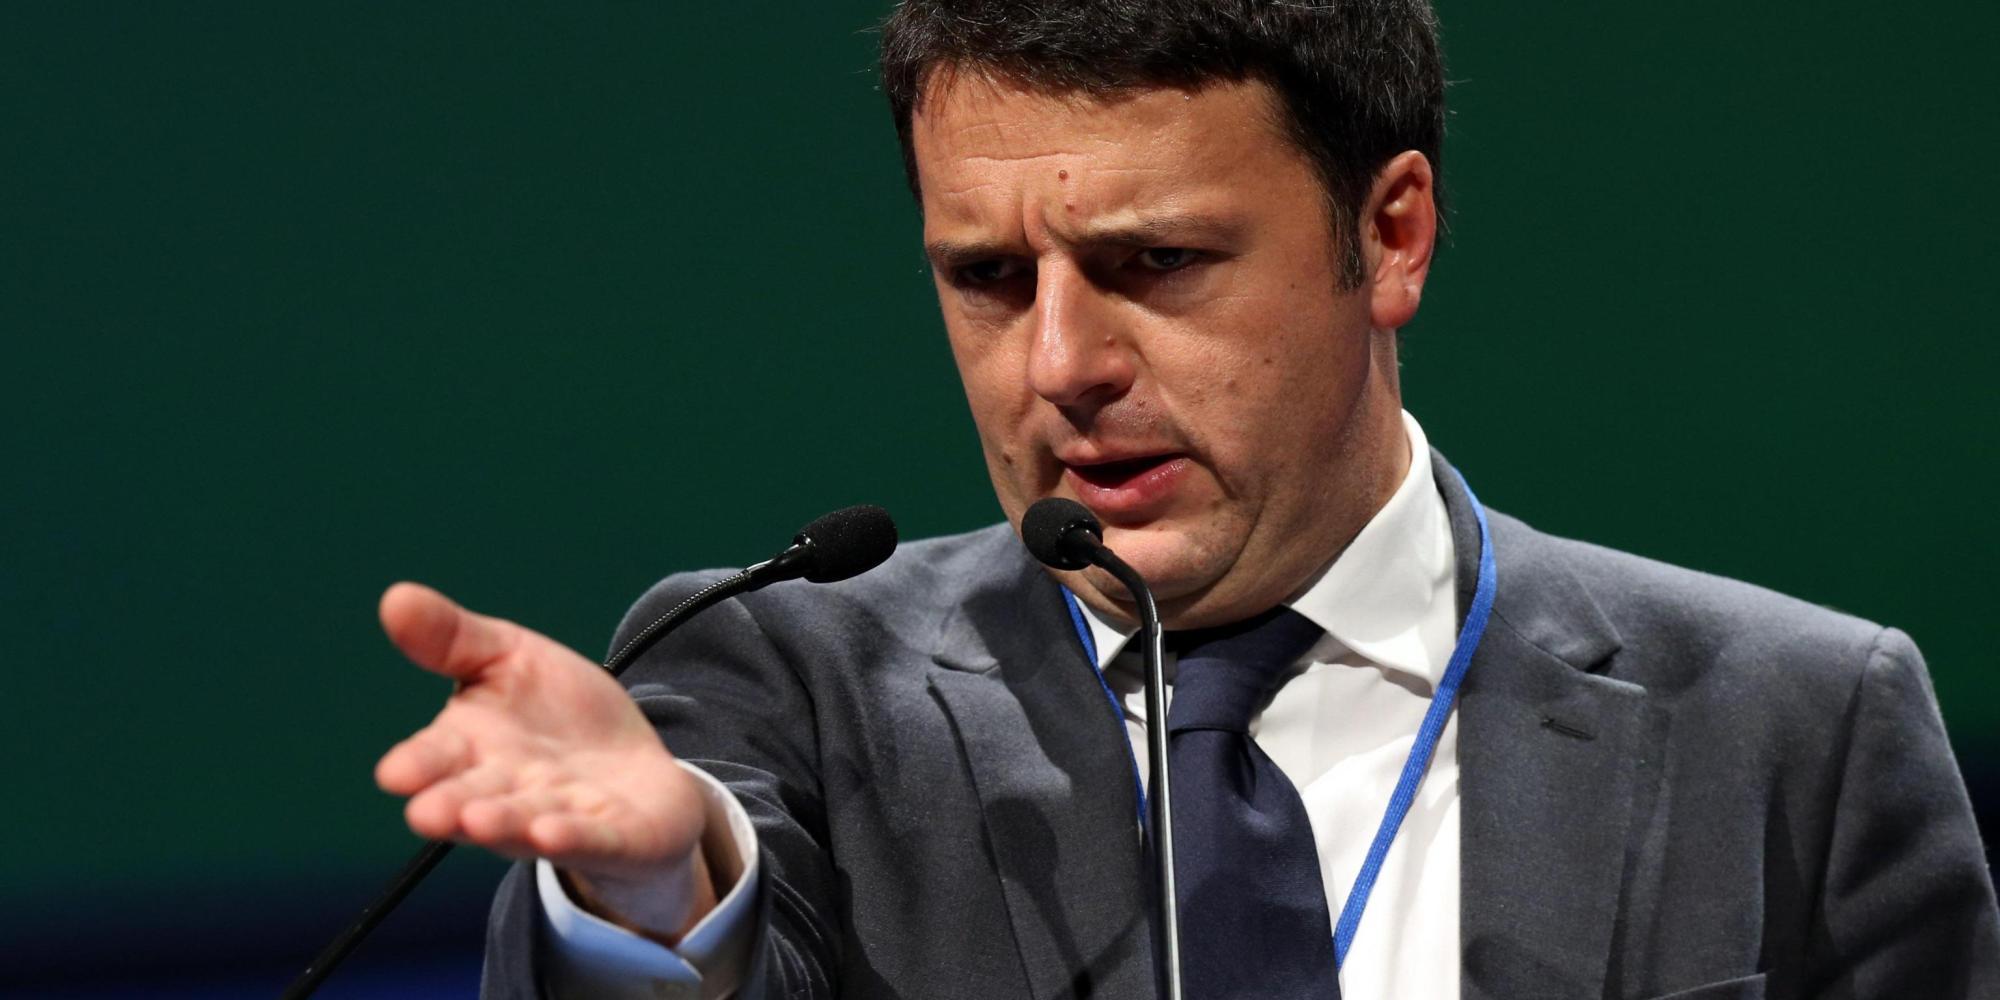 ++ Renzi a Grillo, stop rimborsi se impegno su riforme ++